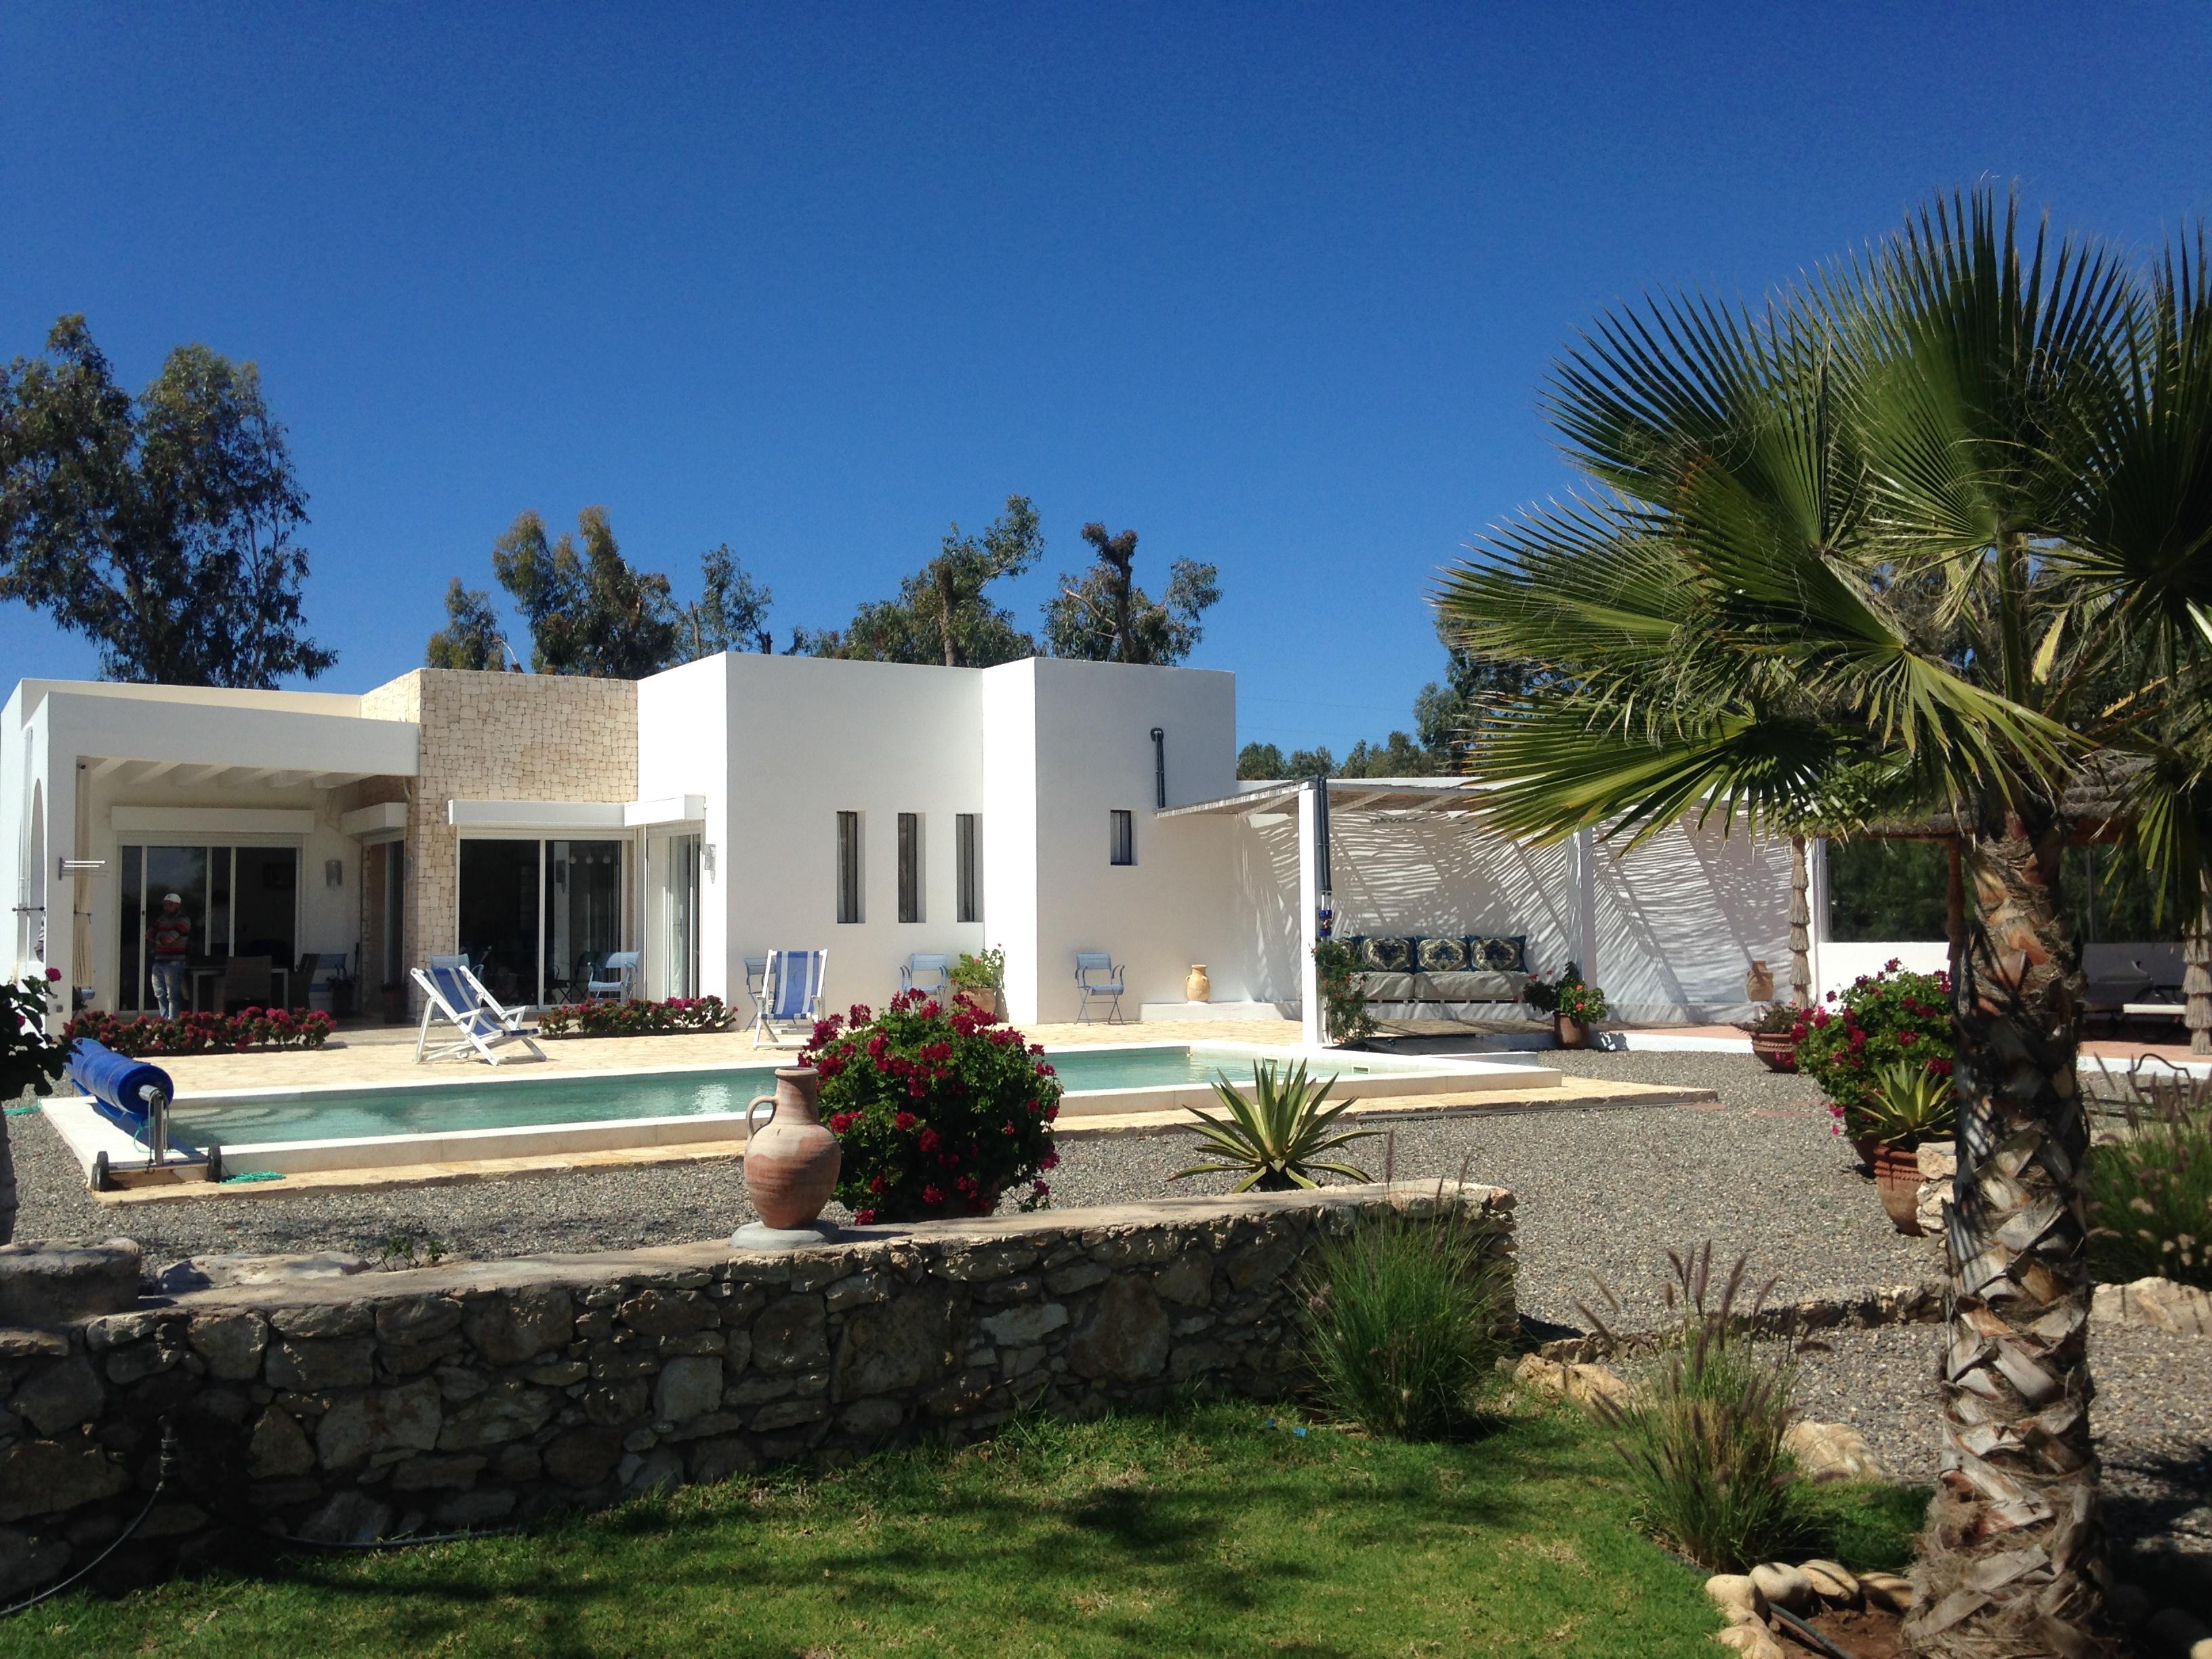 Villa en location avec piscine priv e karimo immobilier - Location villa piscine essaouira ...